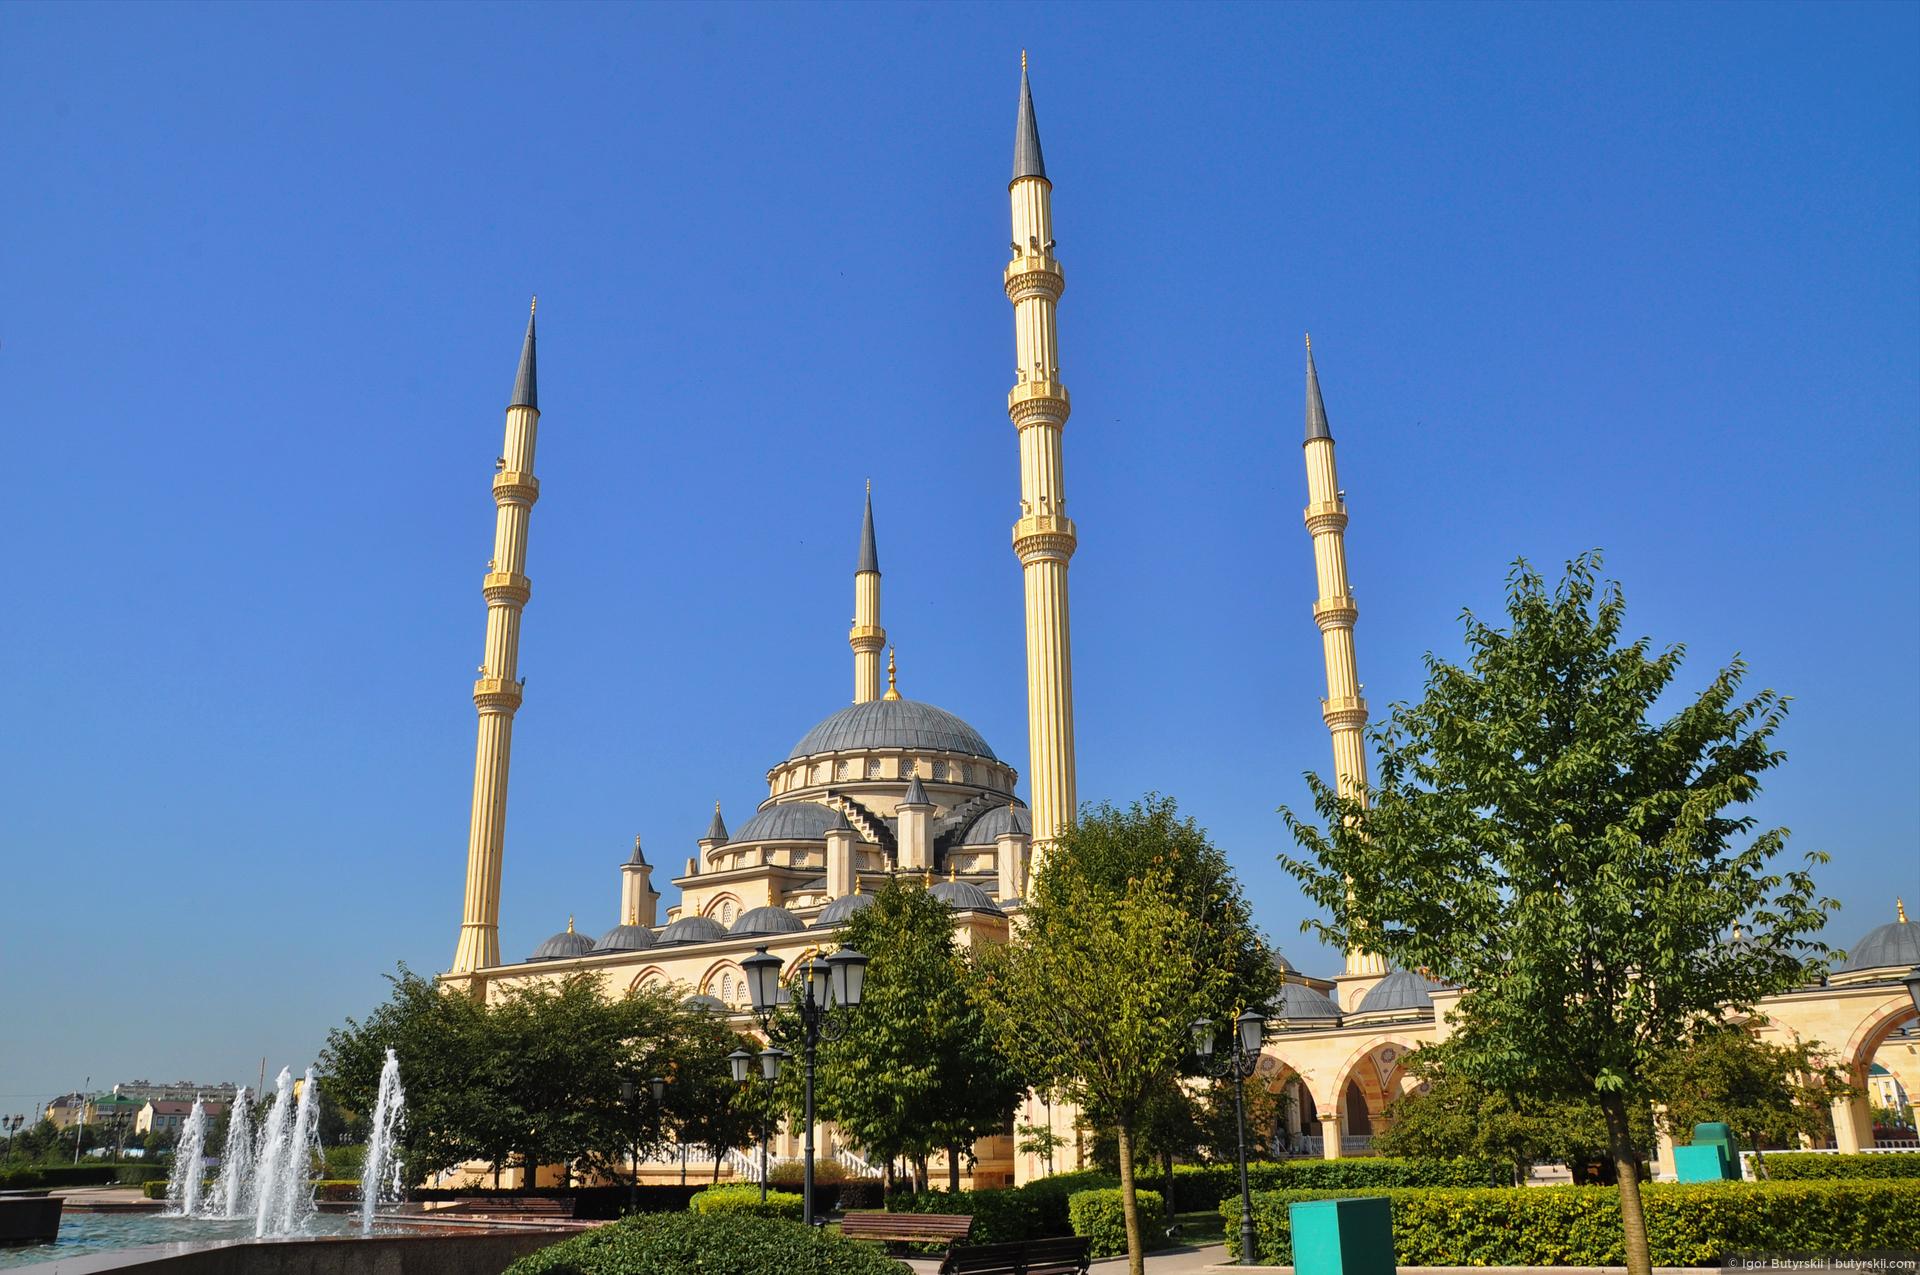 06. Сама мечеть производит впечатление крупного, внушительного здания, но при этом очень элегантного. Напомнила стамбульские мечети., Грозный